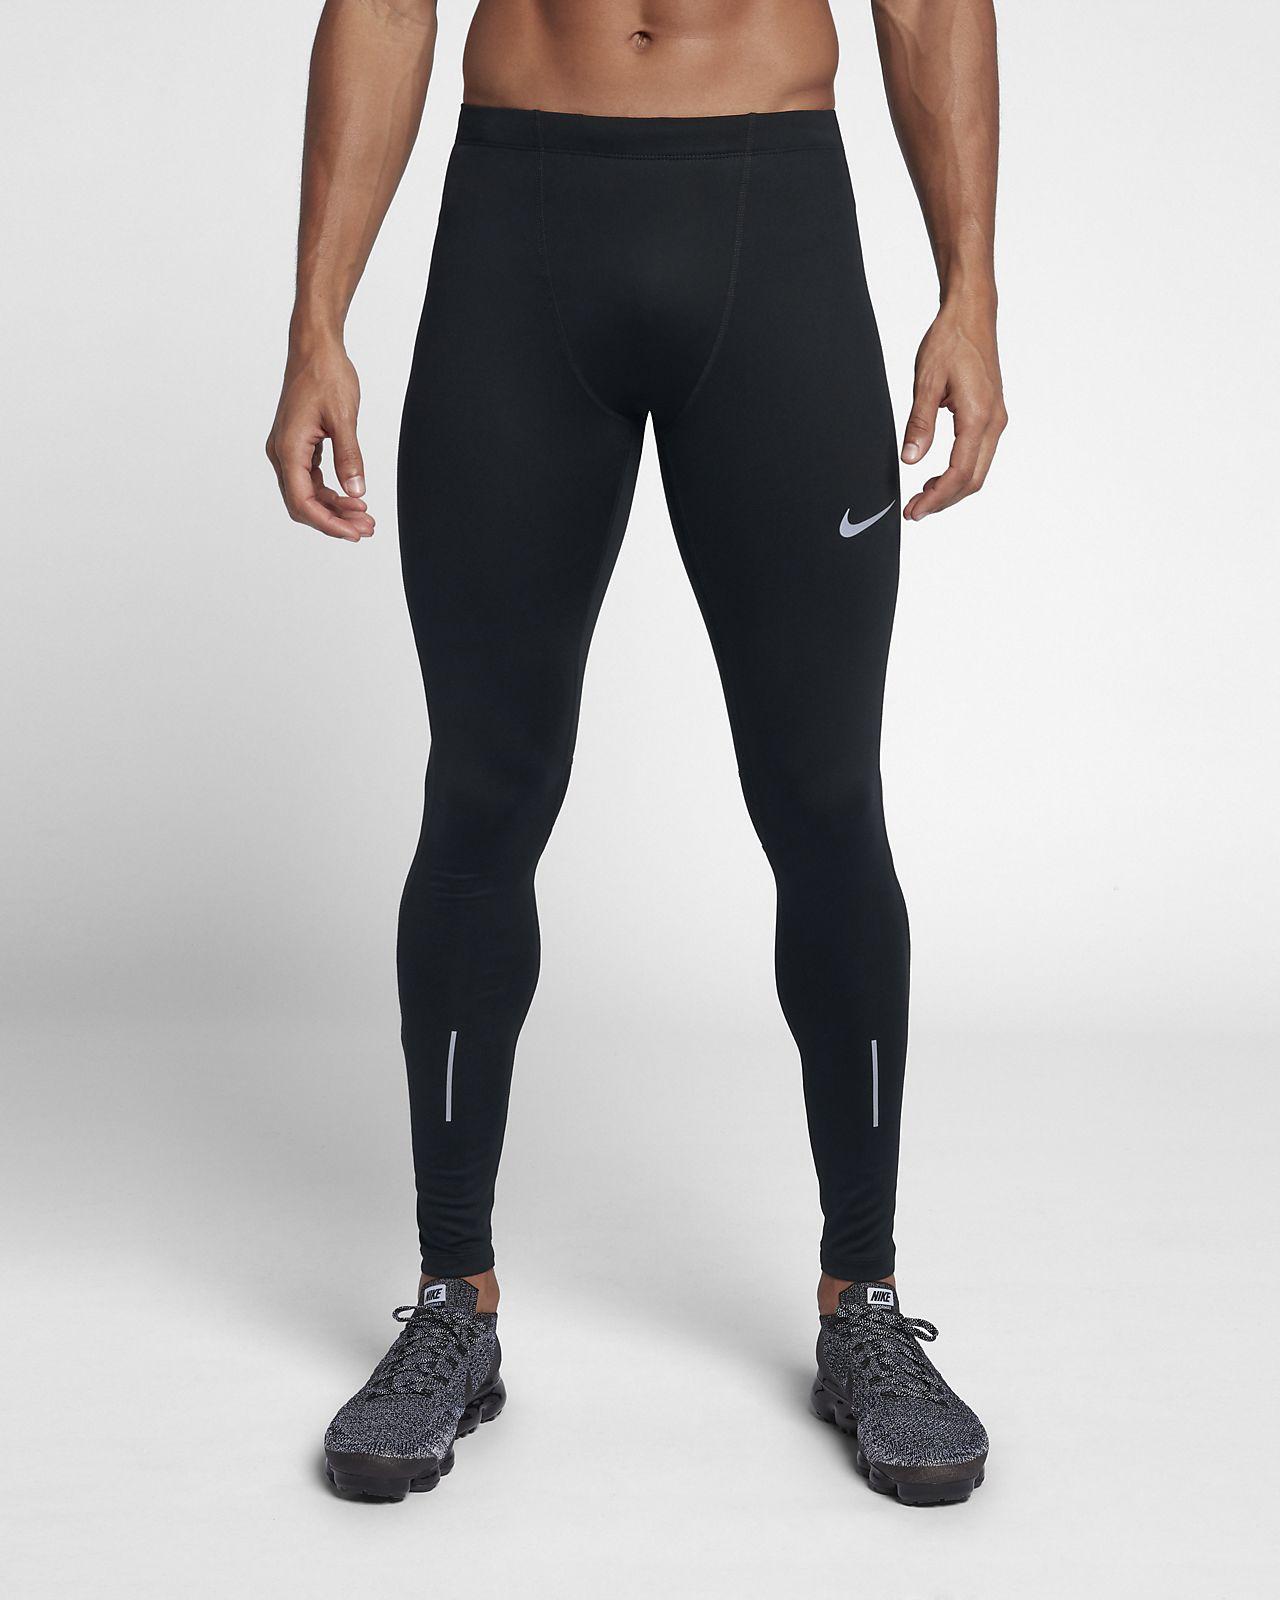 Nike Run Malles de running (72 cm) - Home